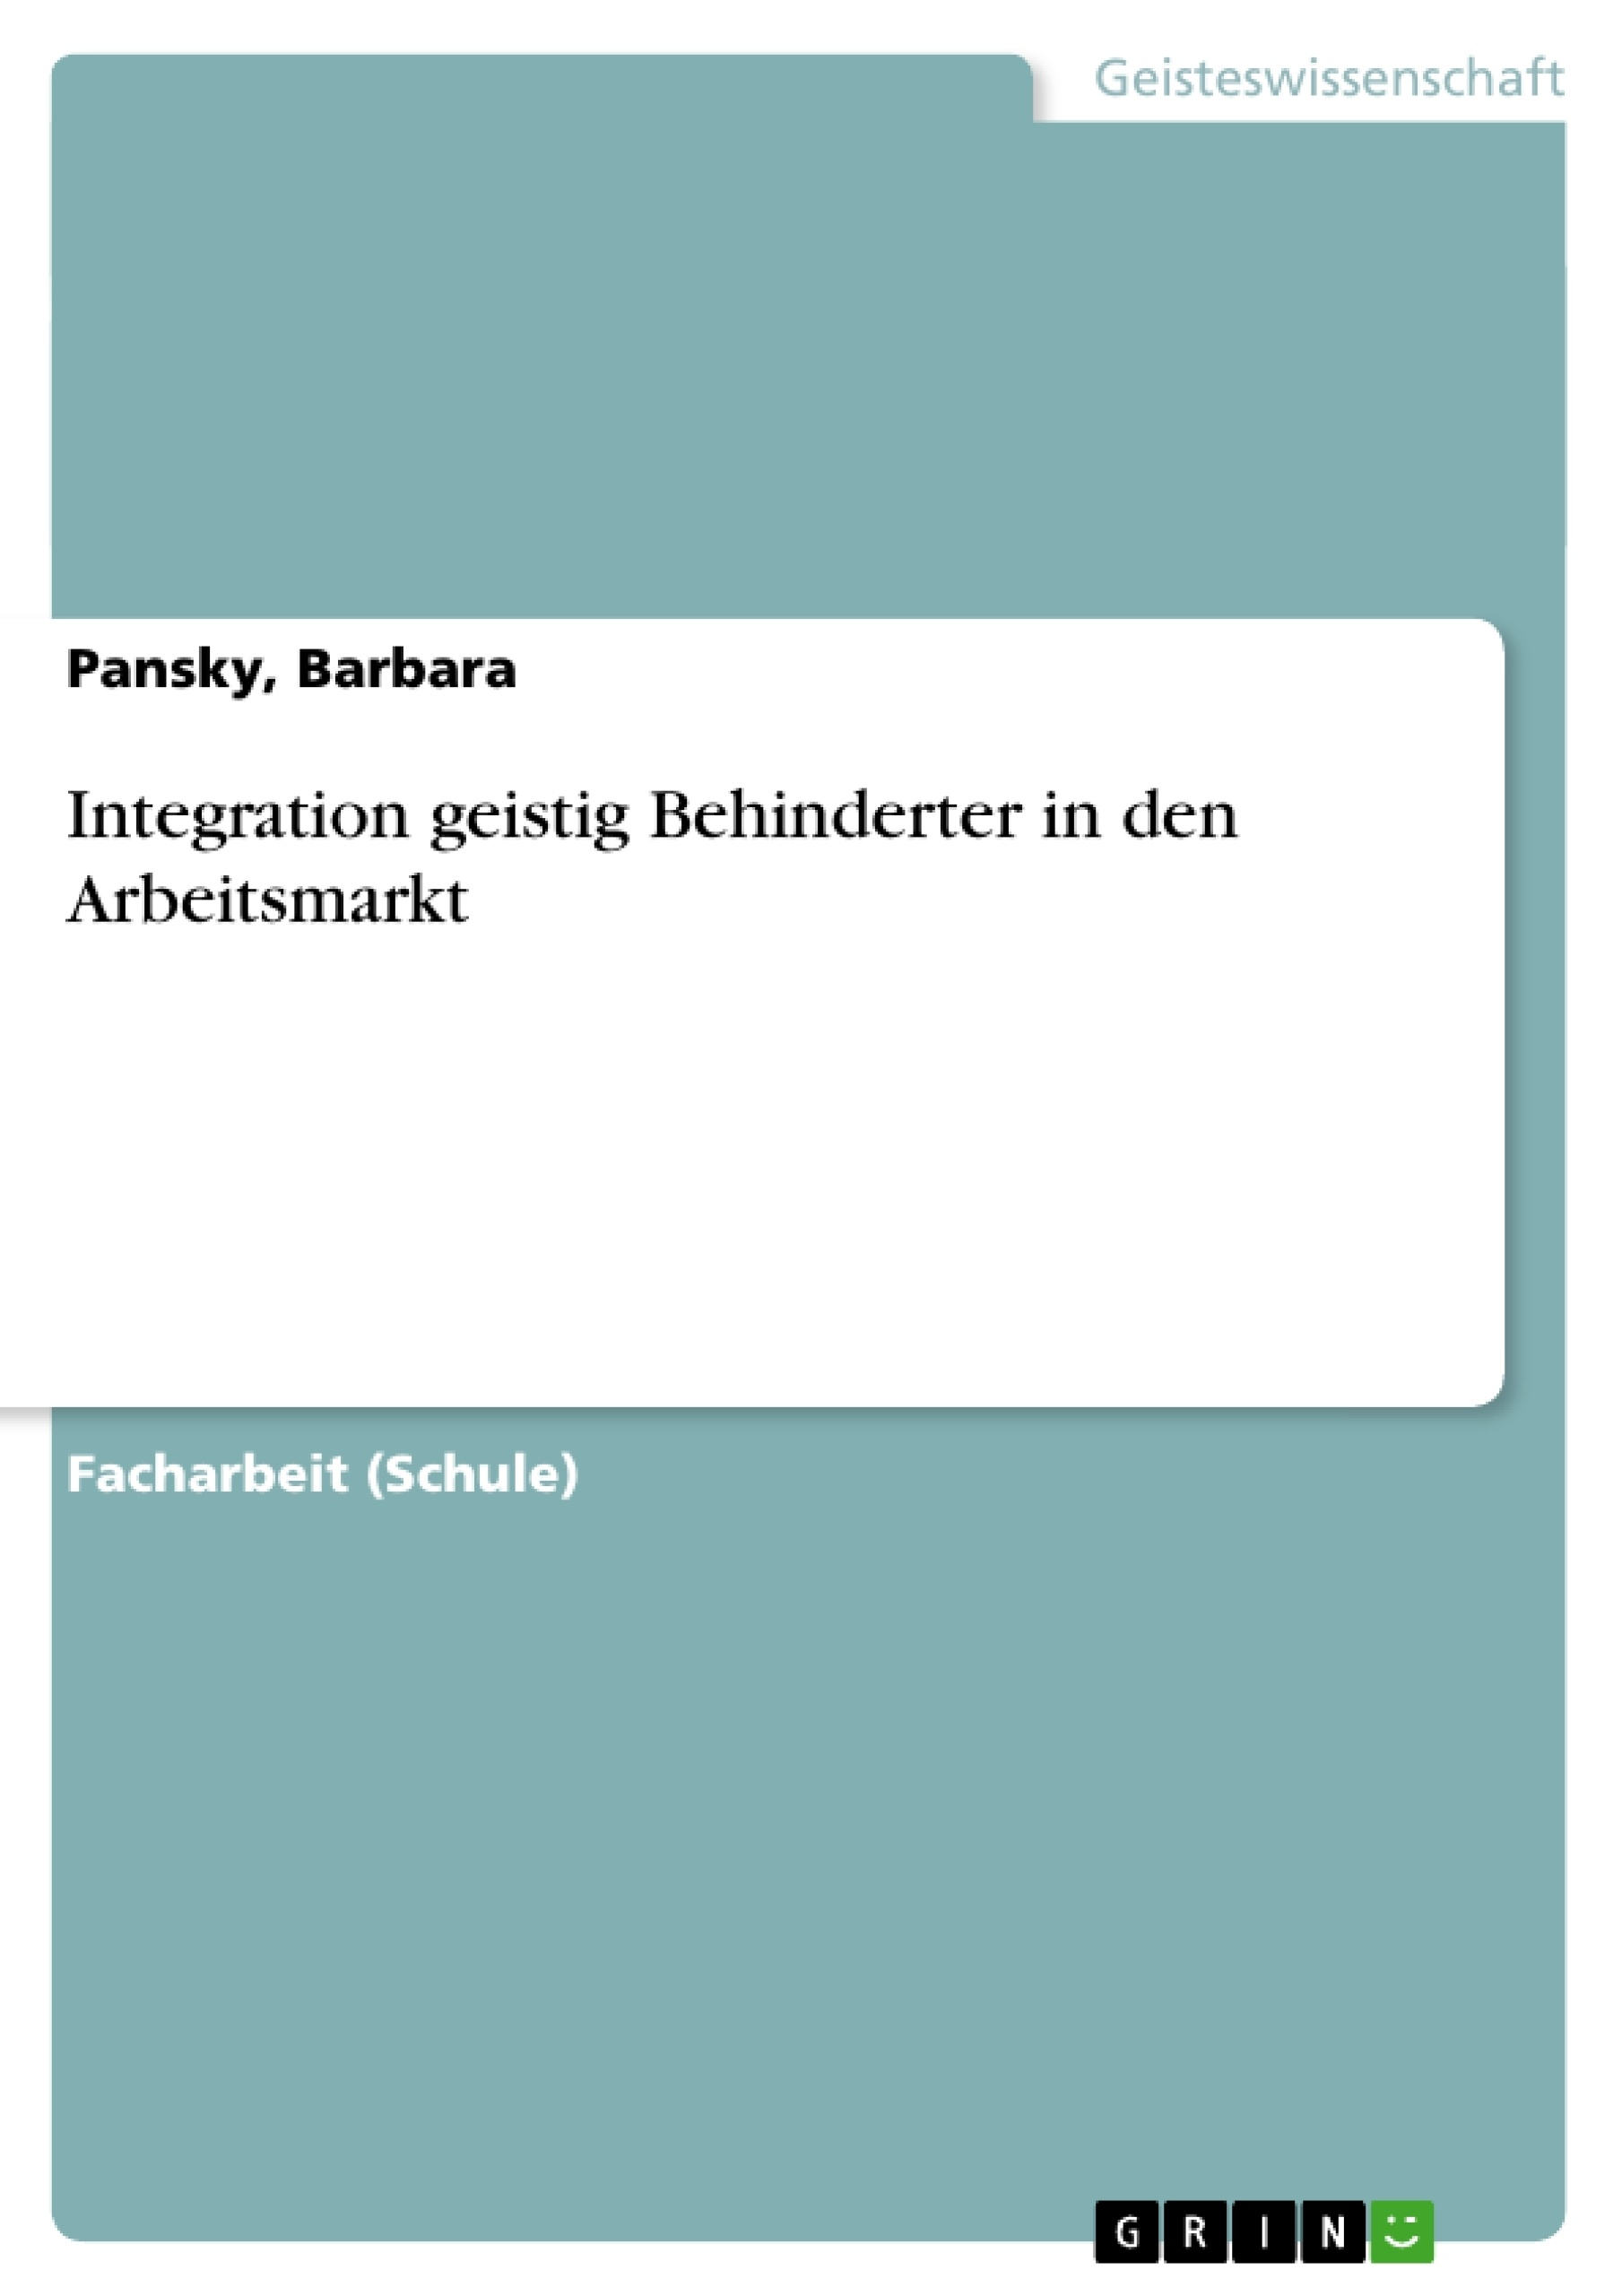 Titel: Integration geistig Behinderter in den Arbeitsmarkt